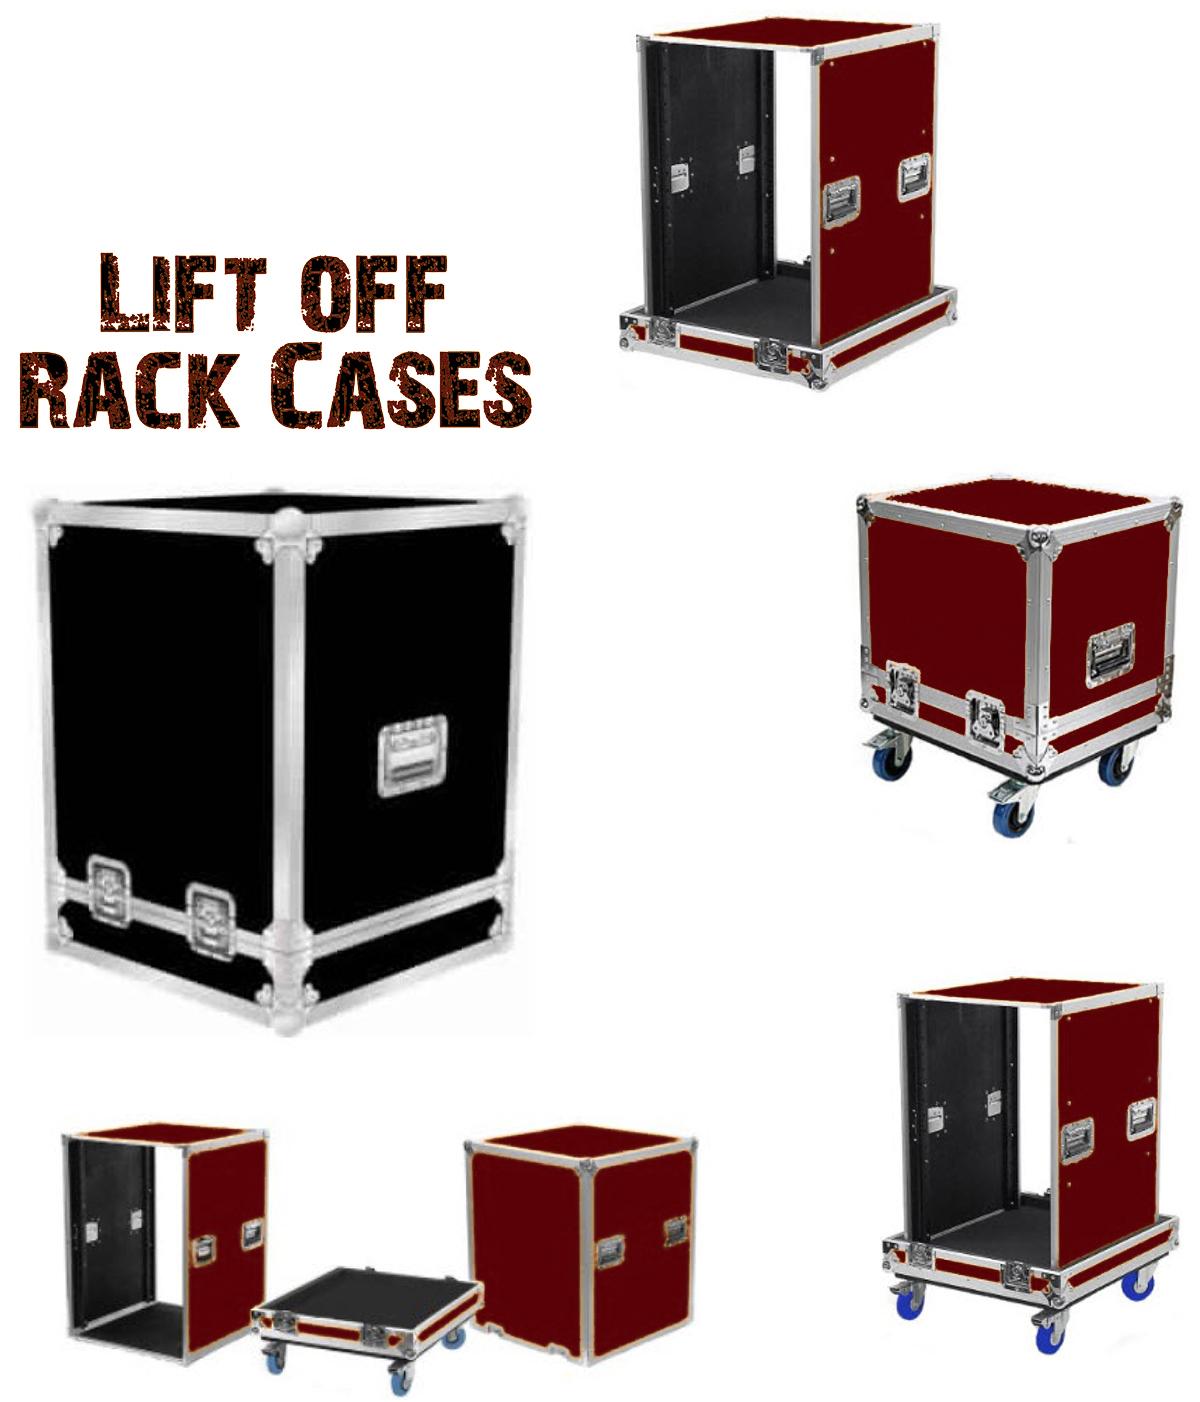 lift-off-rack1.jpg